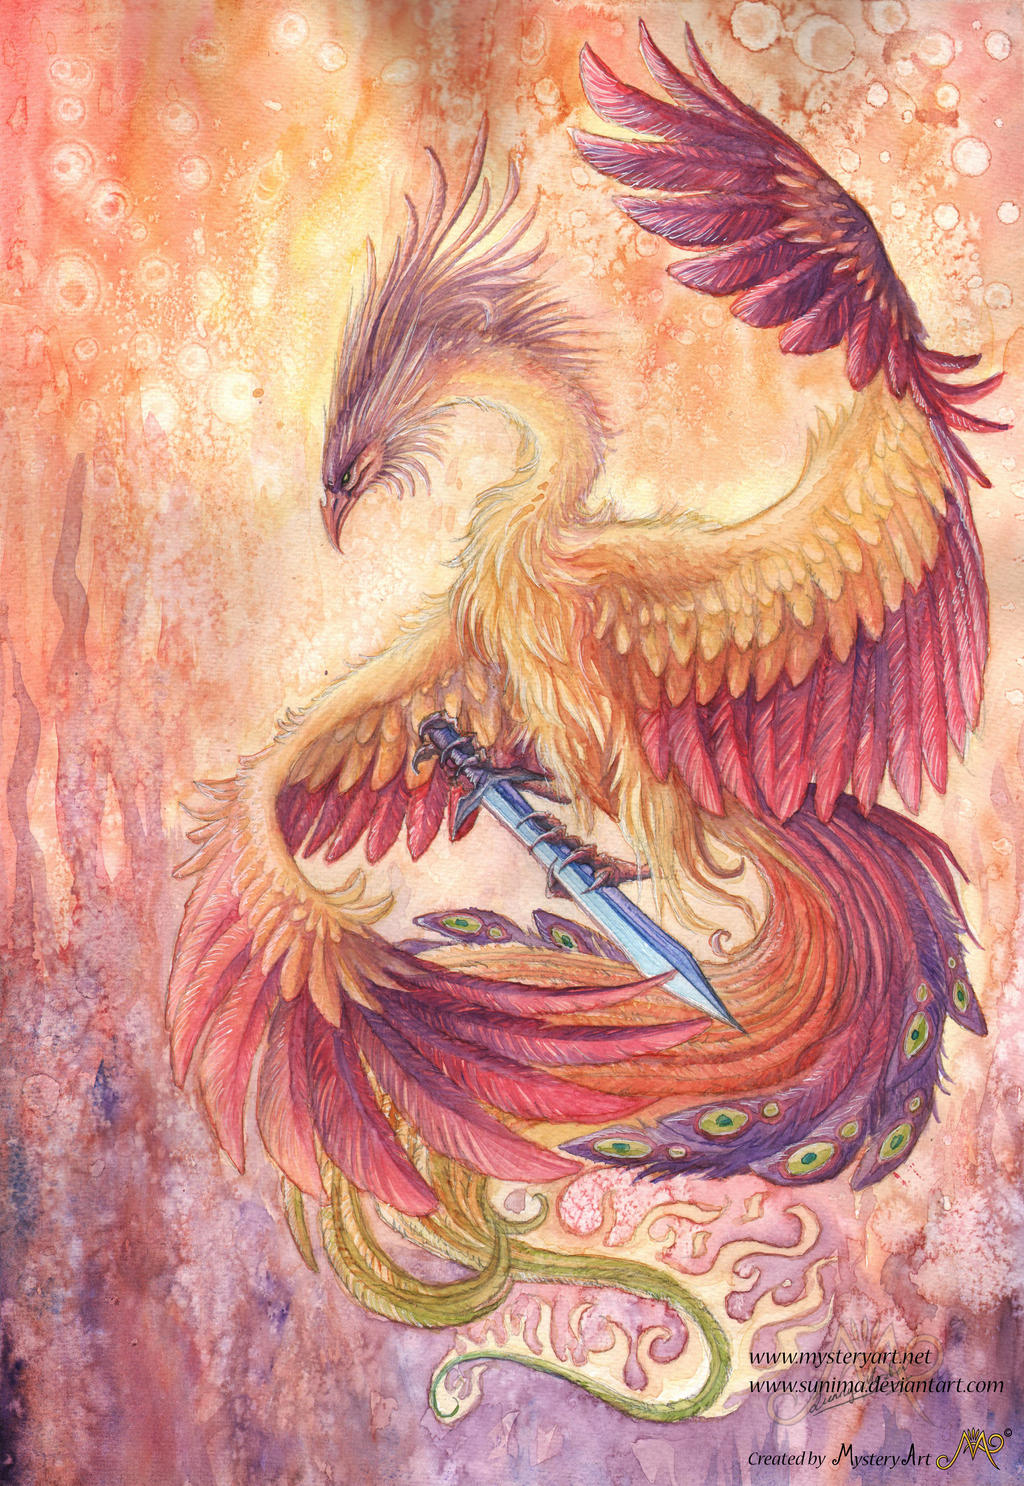 The phoenix s sword by Sunima The phoenix s sword by Sunima. The phoenix s sword by Sunima on DeviantArt